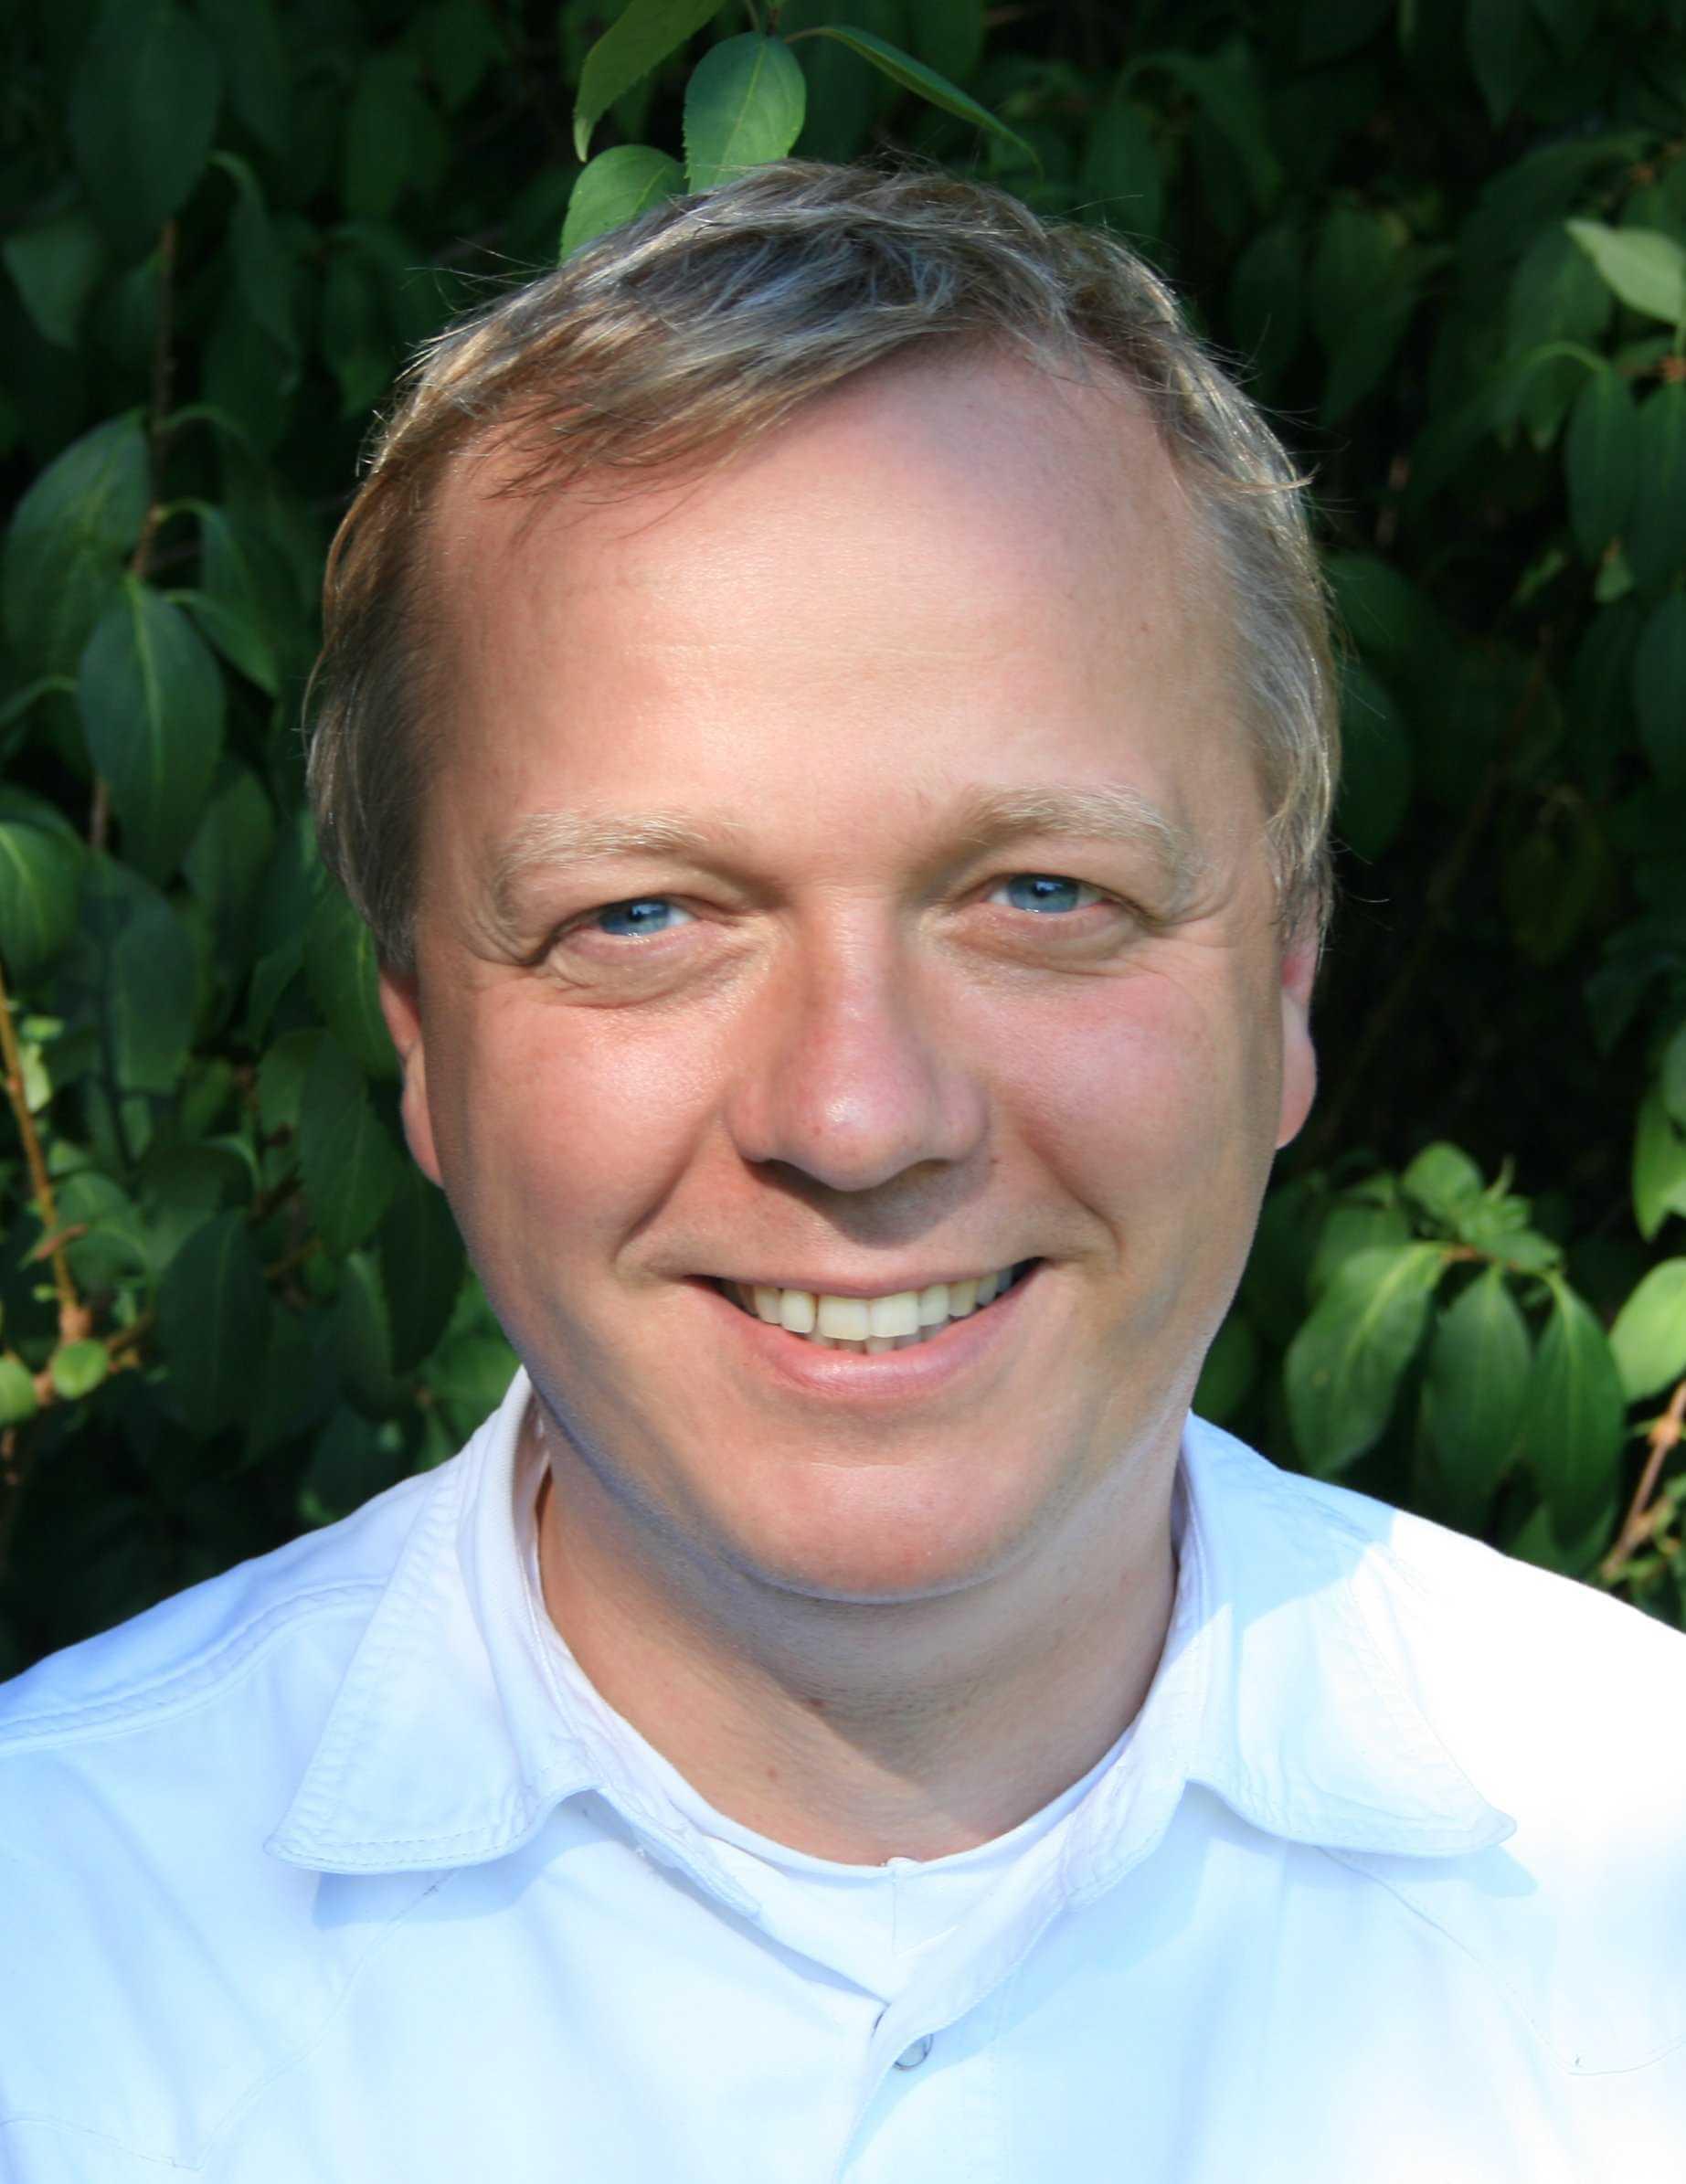 Uwe Schlutt, BDH Arbeitskreisleiter Biochemie